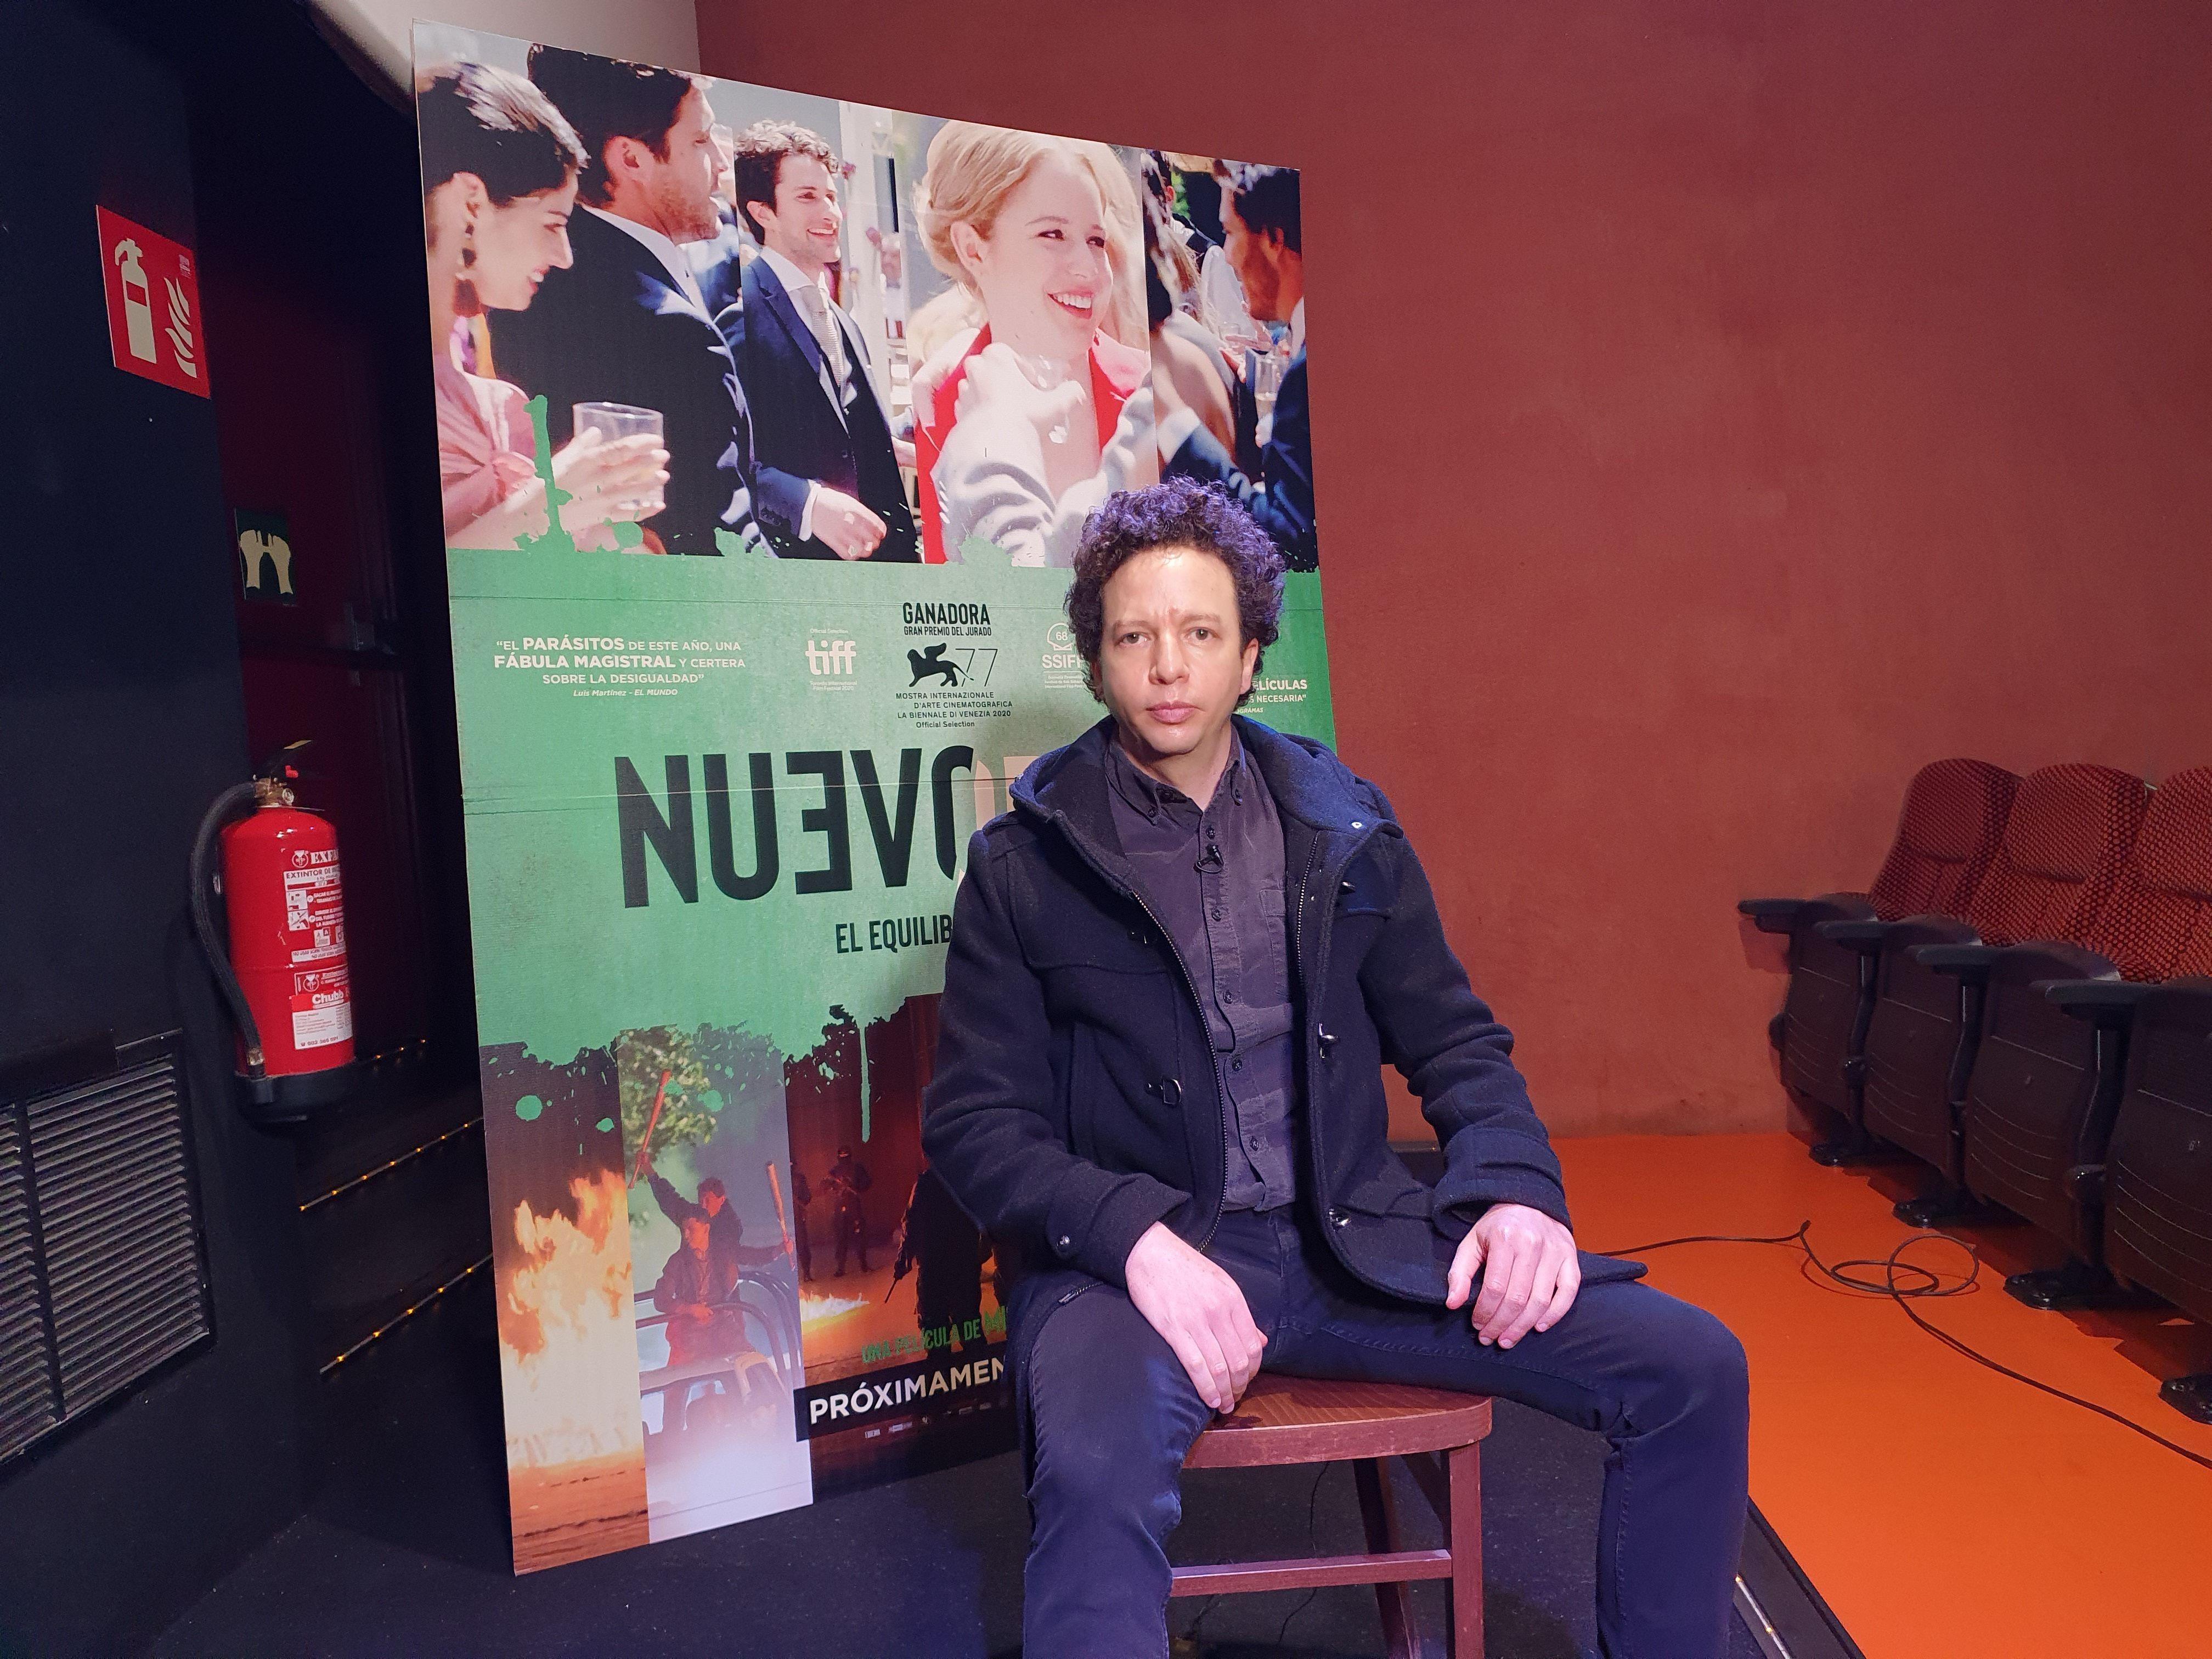 16/02/2021 El director mexicano Michel Franco presenta en España su nueva película, 'Nuevo orden' CULTURA